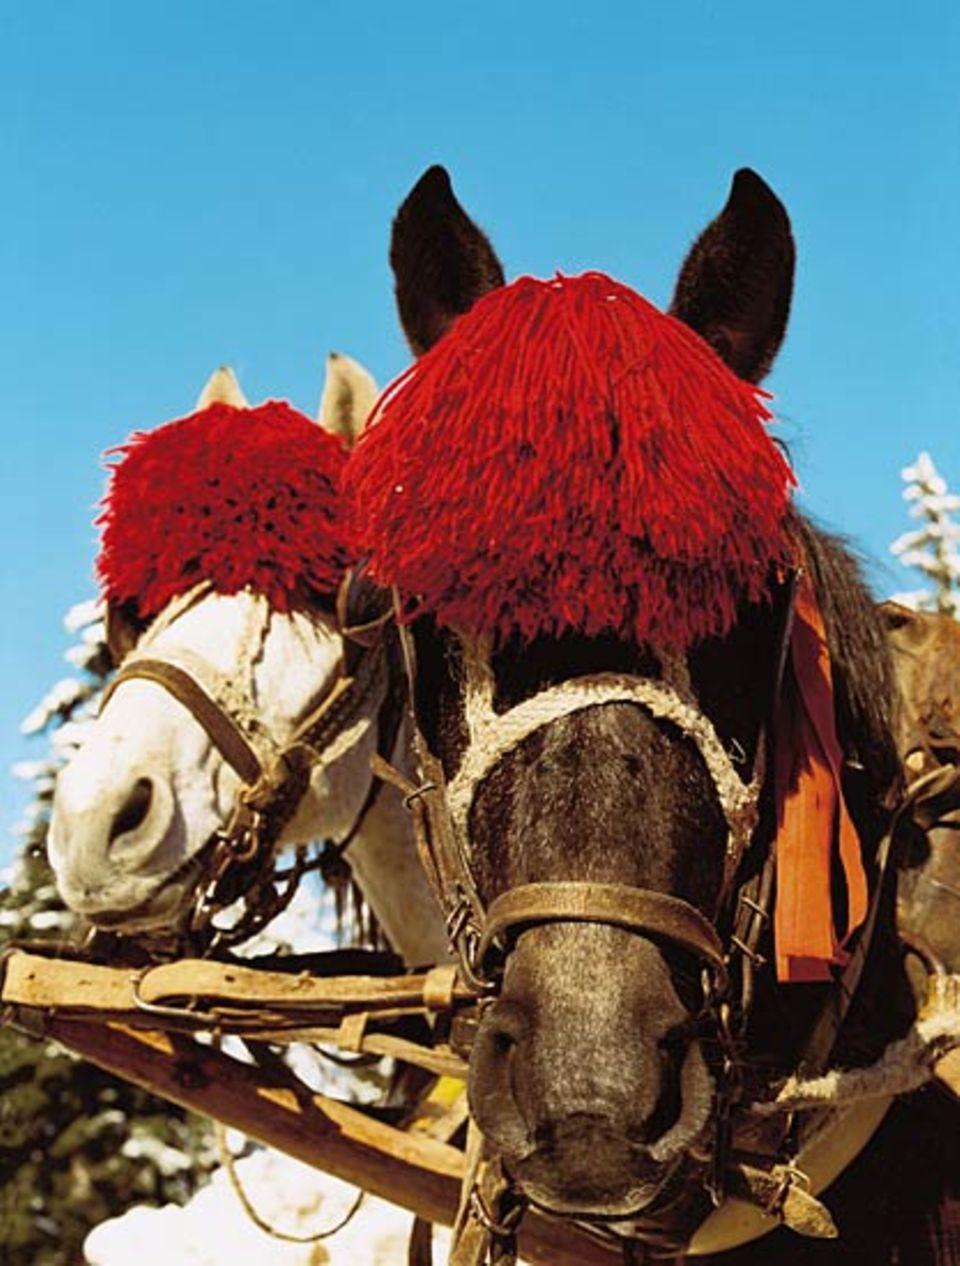 Wärmende Mützen oder Sonnenschutz? In Borovez tragen die Kutschpferde Kopfschmuck